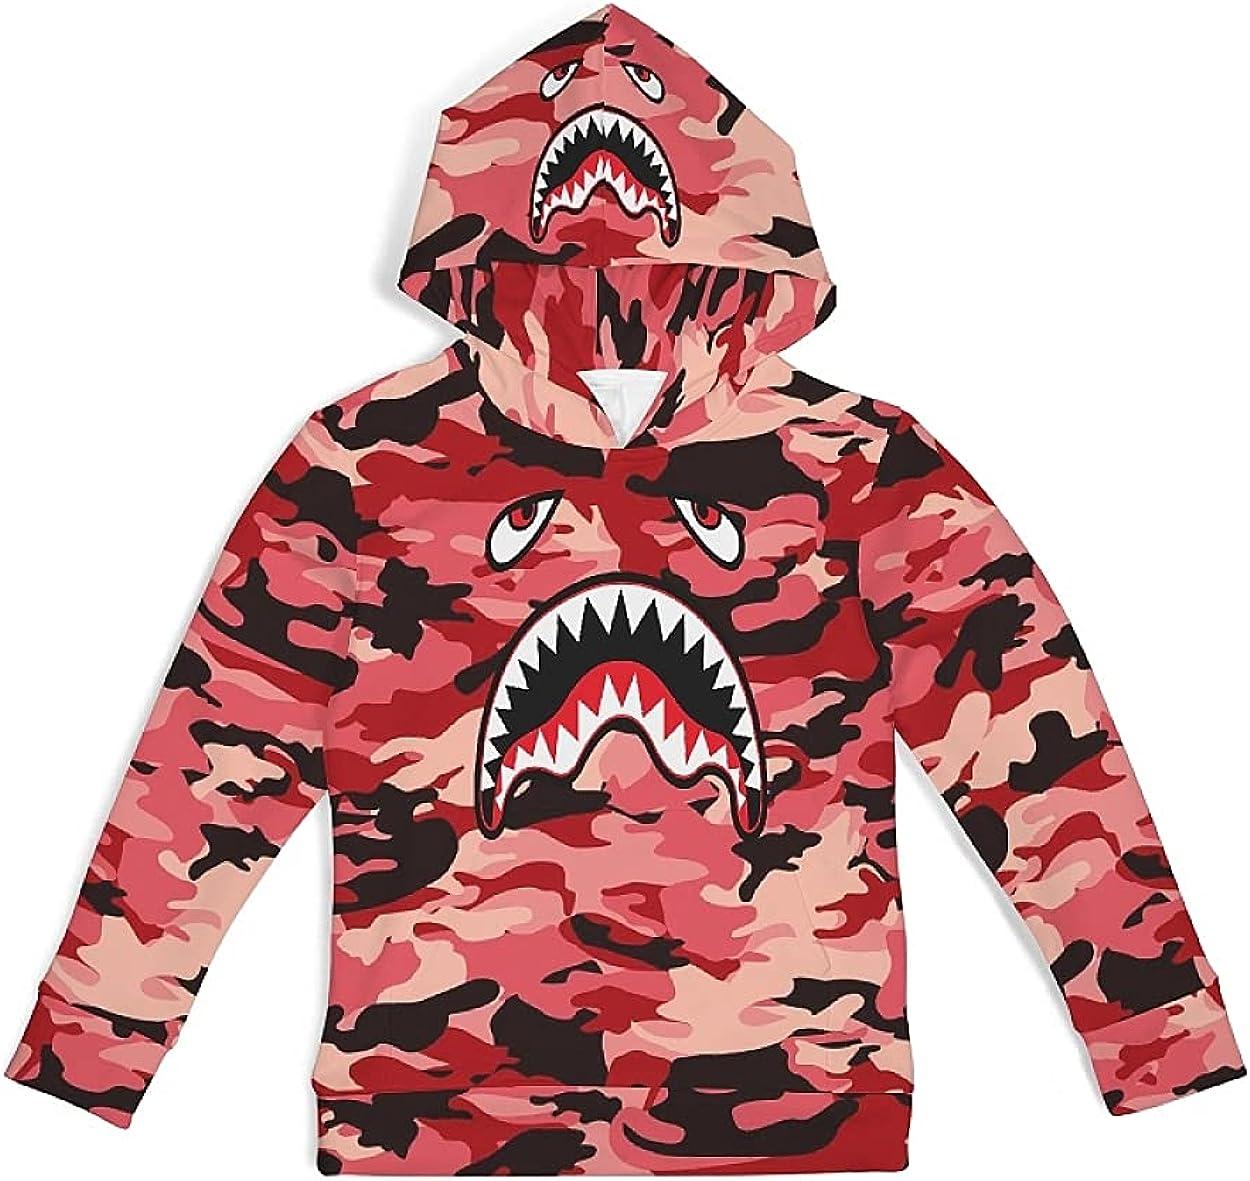 Kids Hoodie Short Long Sleeve Sweatshirt Camouflage Spring Autumn Casual Top